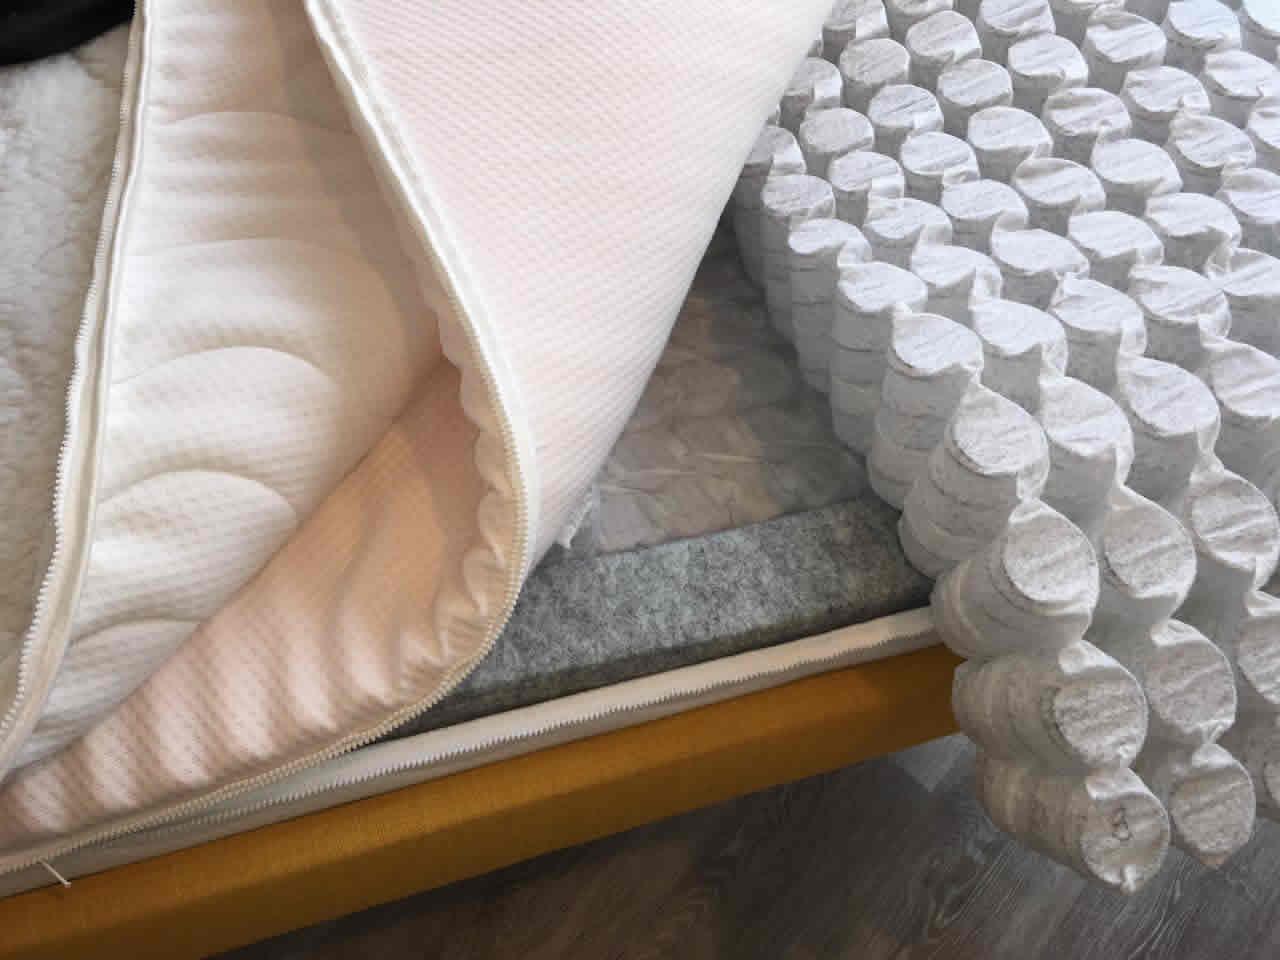 geeignete matratzen f r ein boxspringbett dormito. Black Bedroom Furniture Sets. Home Design Ideas